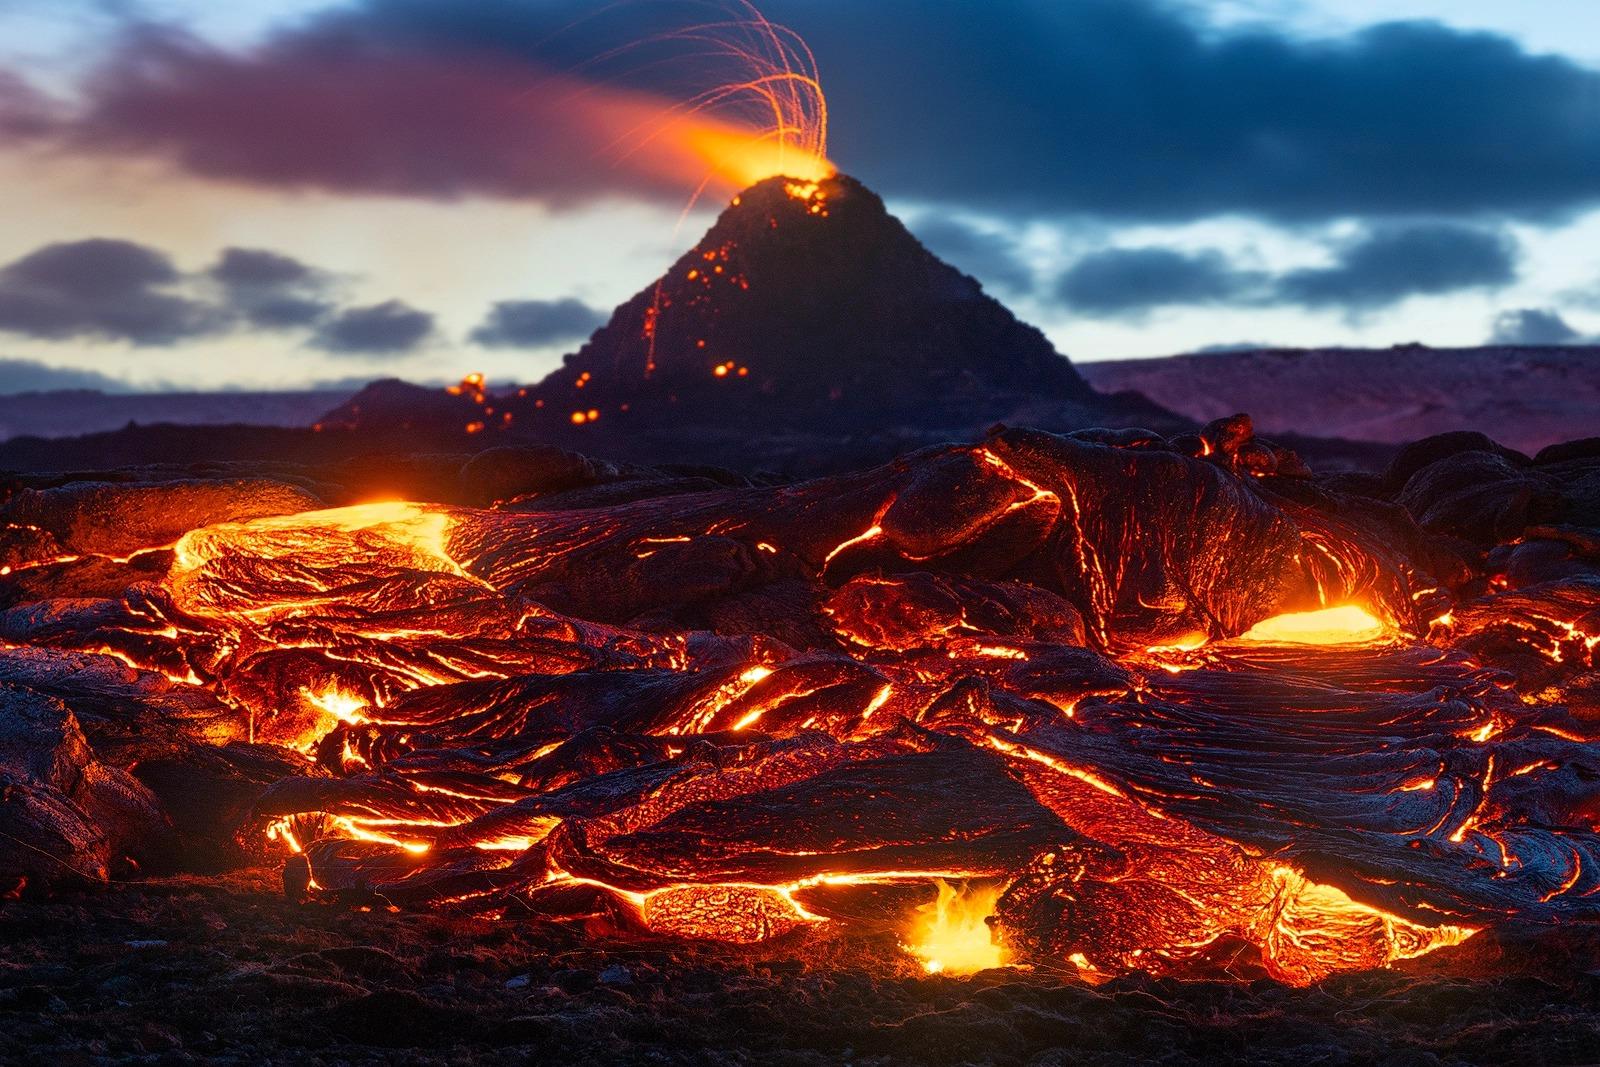 Cùng ngắm nhìn các thước phim tài liệu về một núi lửa tại Iceland phun trào cực kỳ ấn tượng